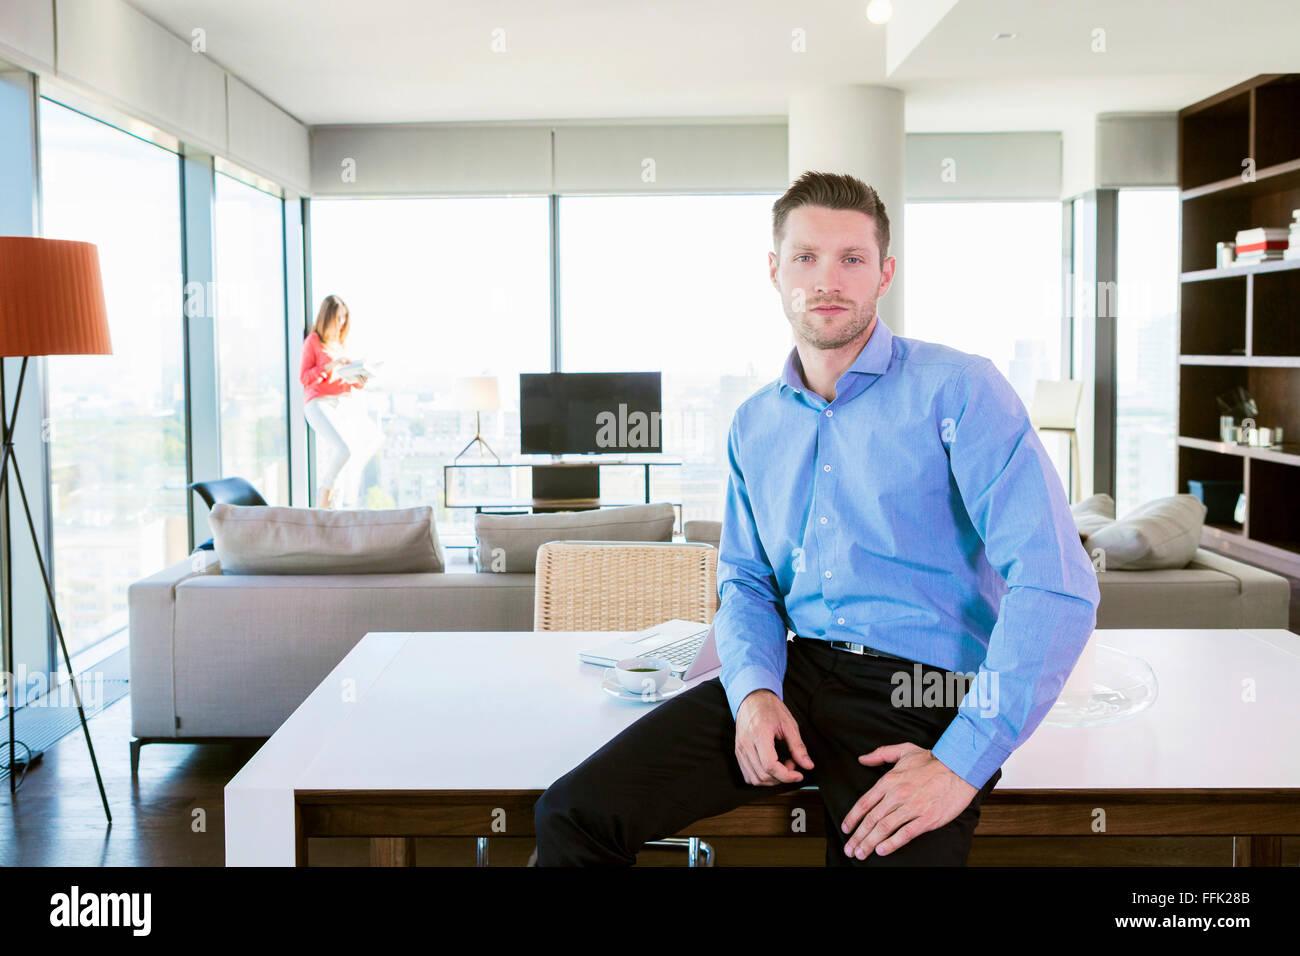 Hombre con actitud fresca en el apartamento con la mujer en segundo plano. Imagen De Stock